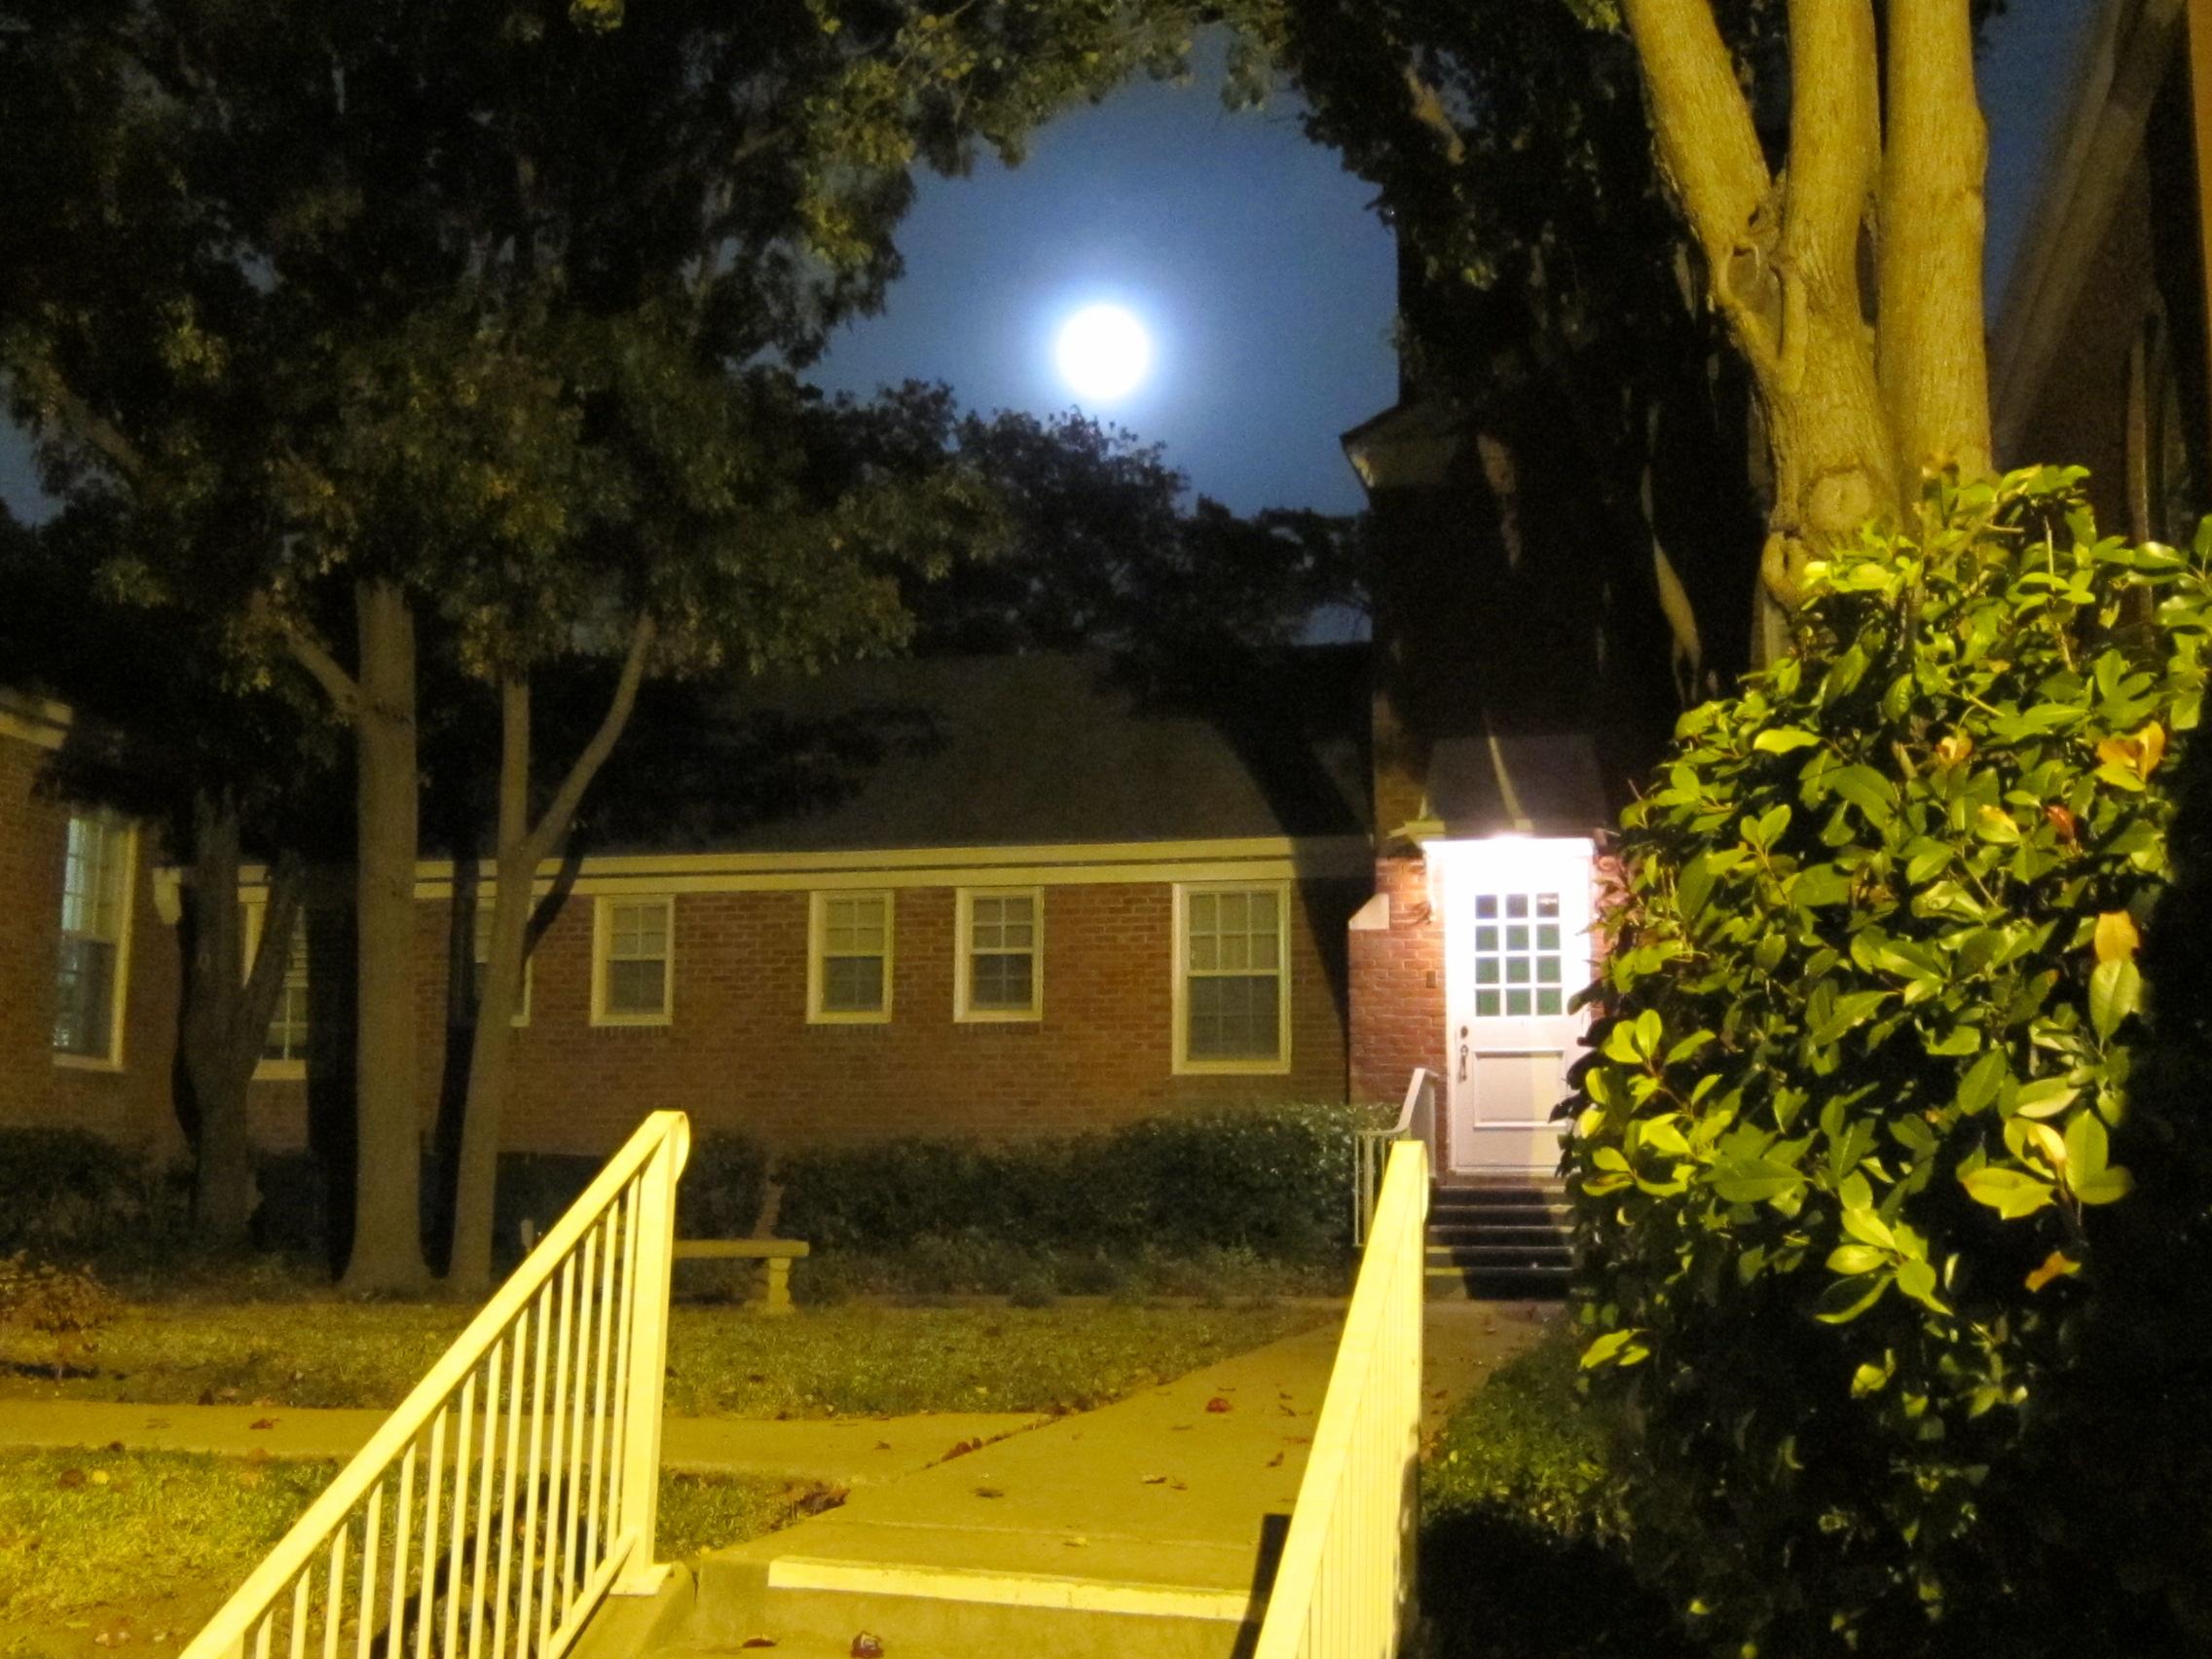 Full Moon Over the Back Door